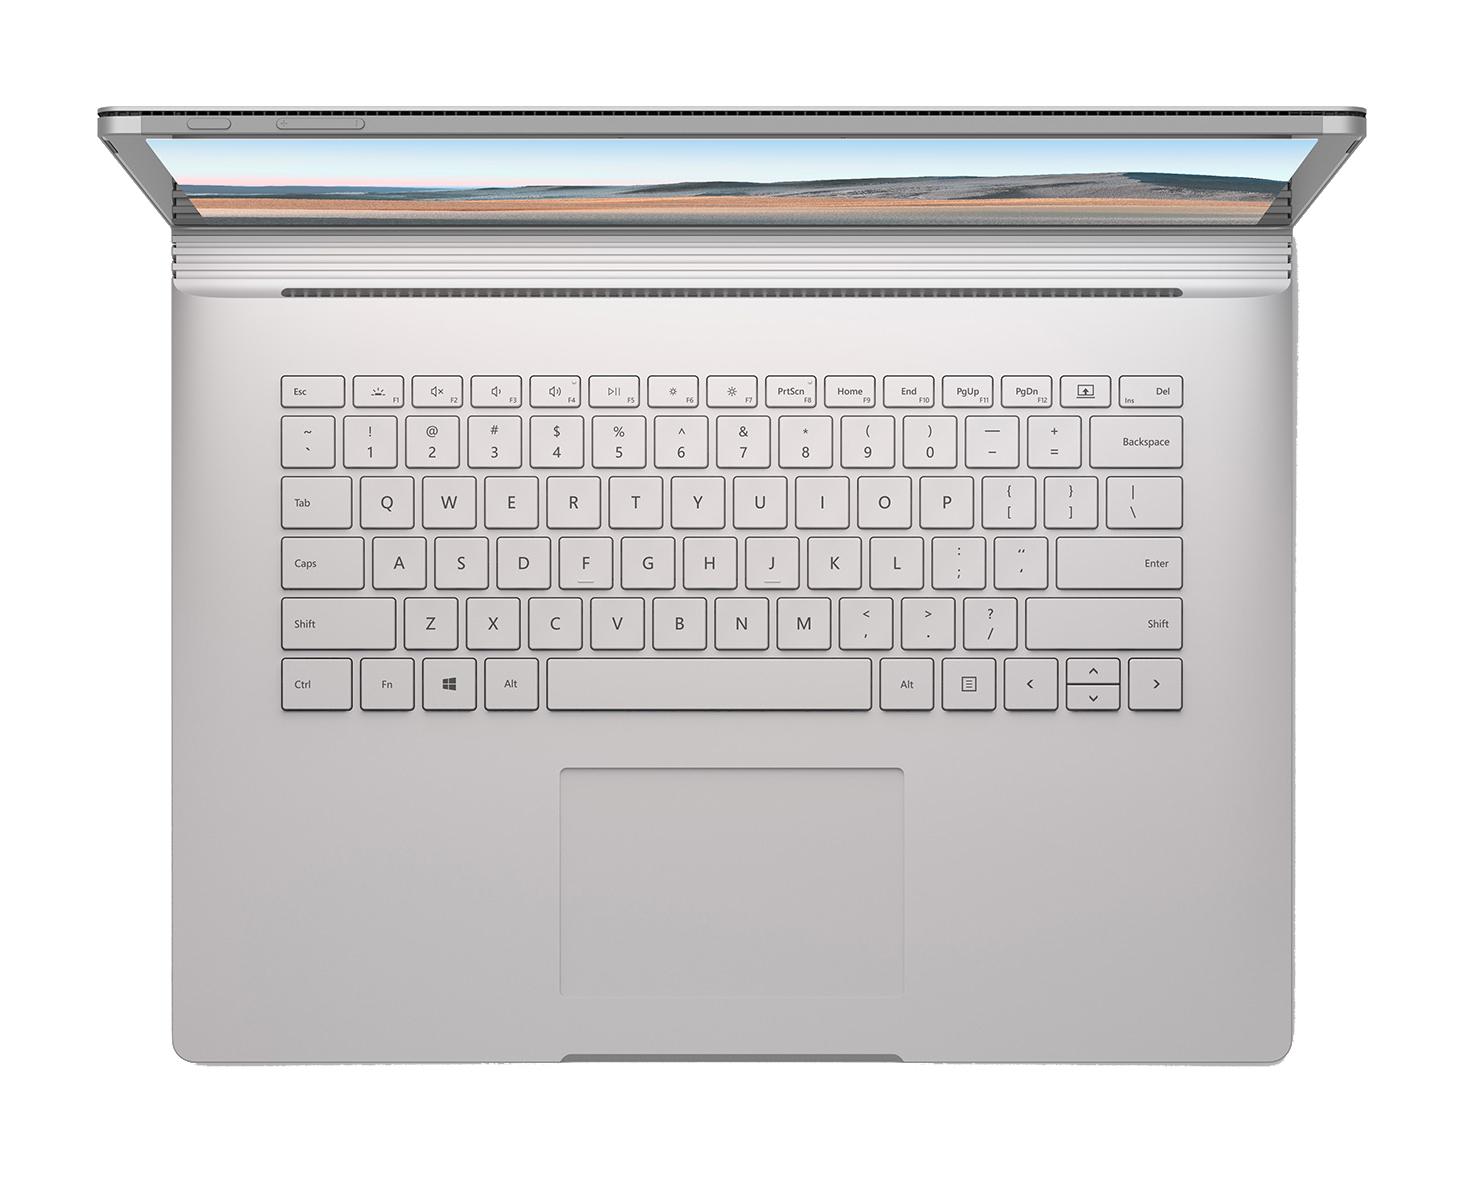 """Microsoft Surface Book 3 LPDDR4x-SDRAM Hybrid (2-in-1) 34,3 cm (13.5"""") 3000 x 2000 piksler Berøringsskjerm 10th gen Intel® Core™ i7 32 GB 1000 GB SSD NVIDIA® GeForce® GTX 1650 Max-Q Wi-Fi 6 (802.11ax) Windows 10 Pro Platina"""